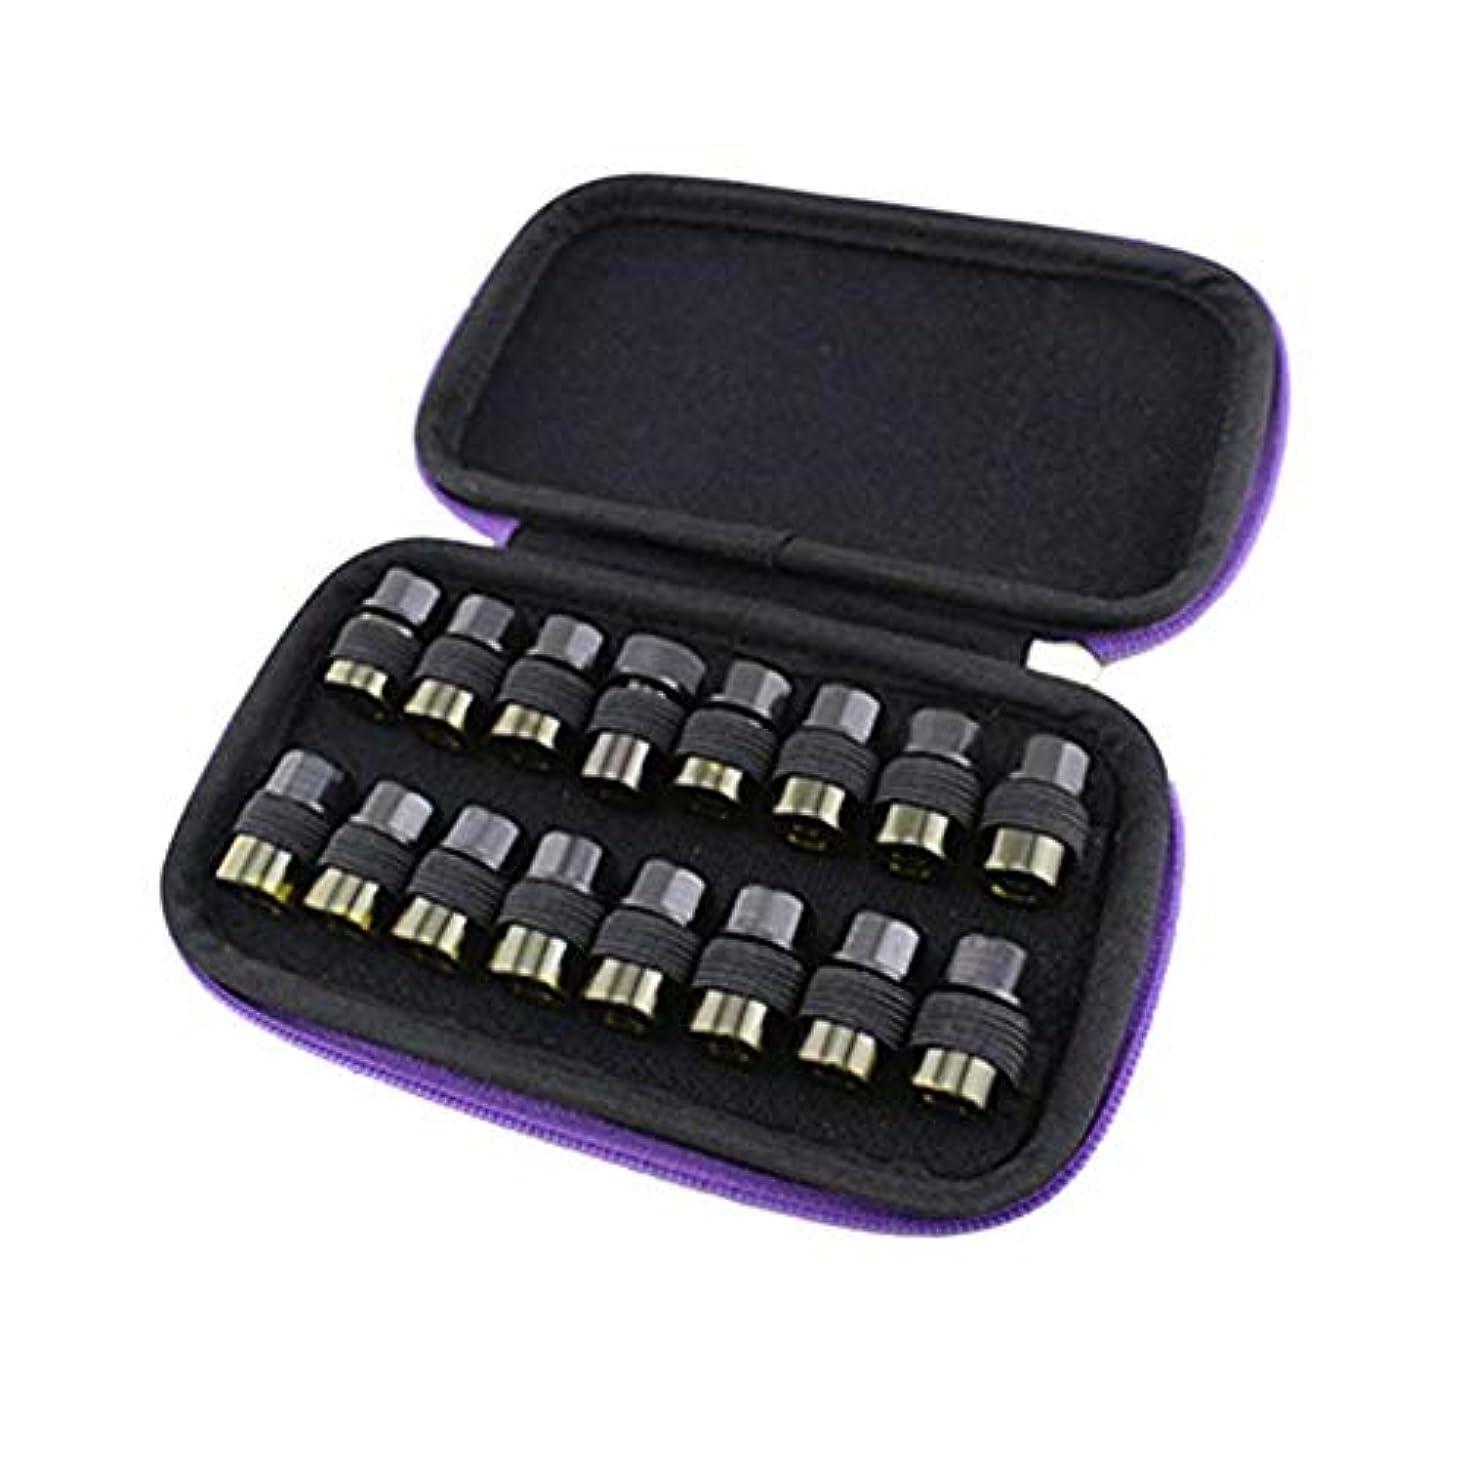 出しますデンマーク語カレンダーPursue エッセンシャルオイル収納ケース アロマオイル収納ボックス アロマポーチ収納ケース 耐震 携帯便利 香水収納ポーチ 化粧ポーチ 16本用